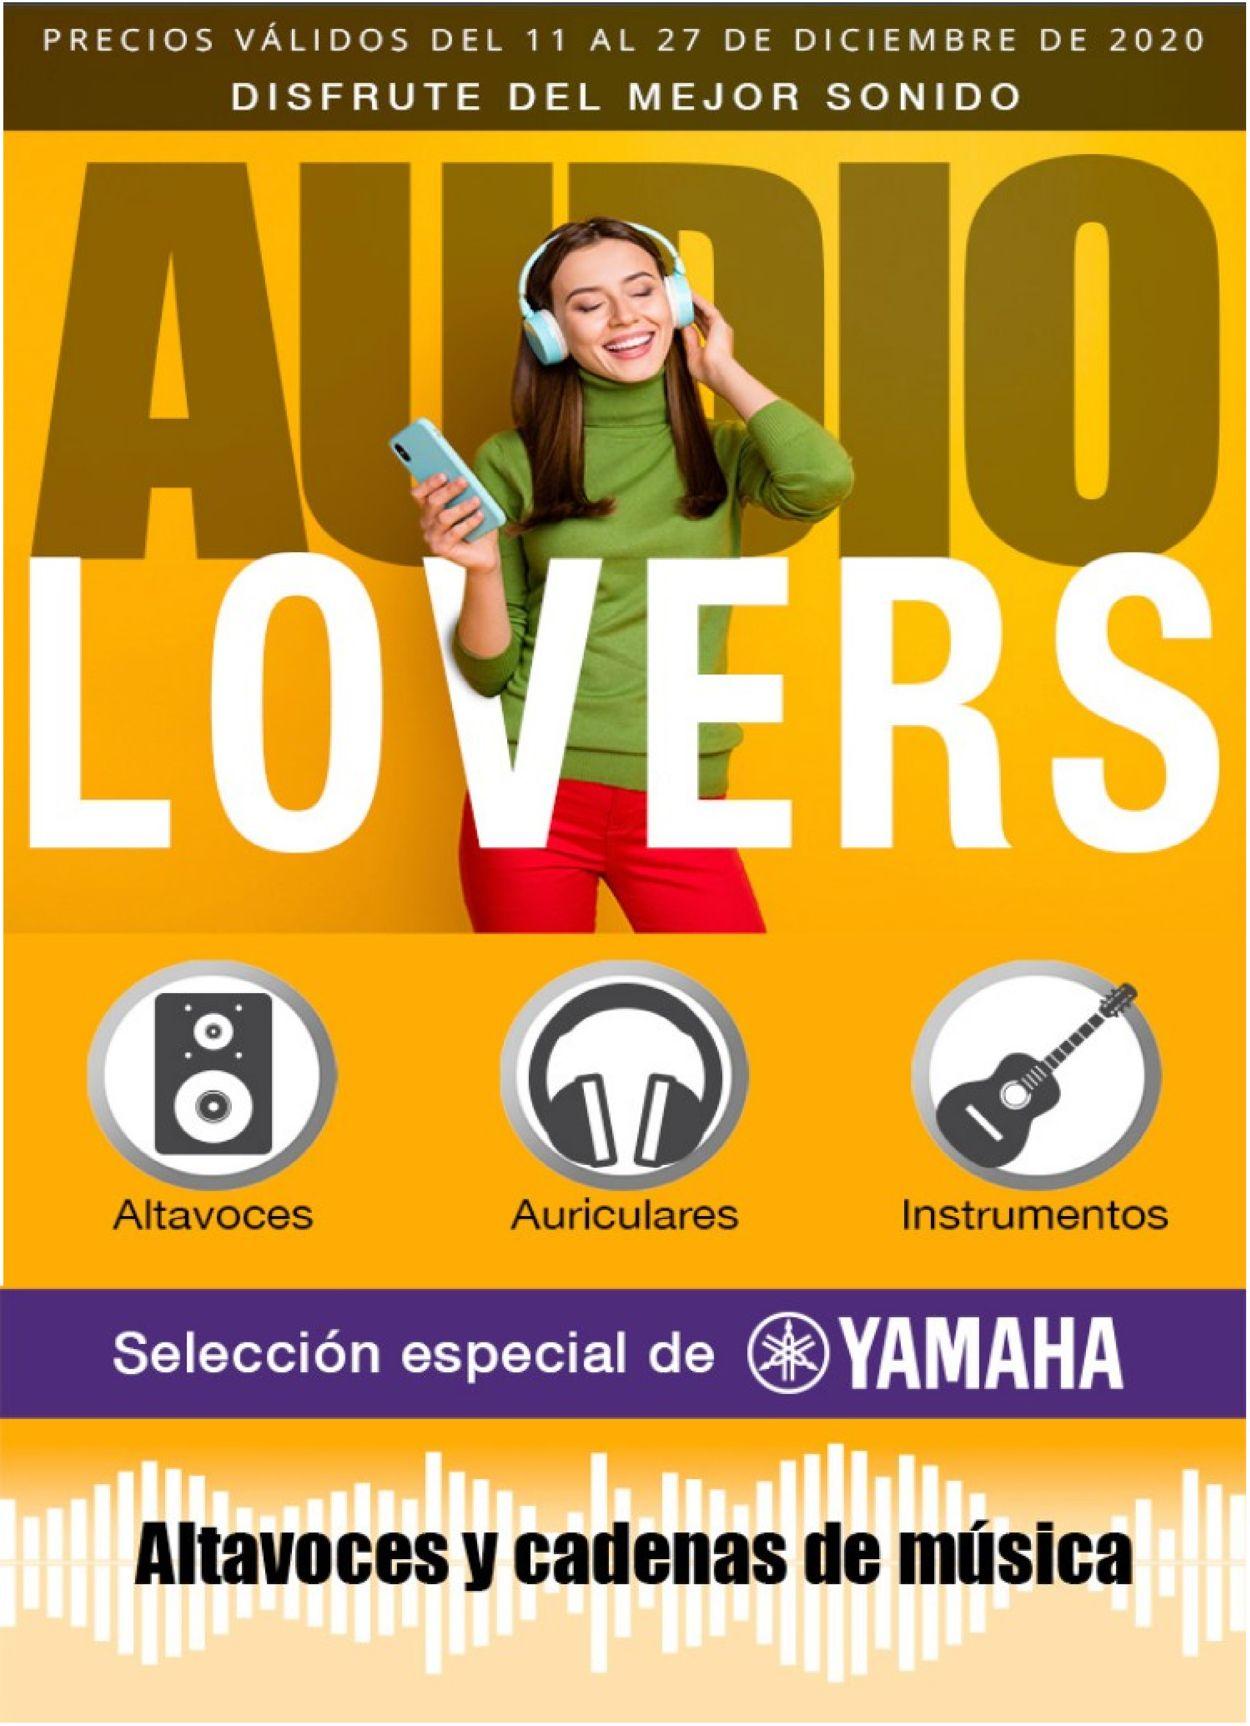 Costco Audio Lovers 2020 Folleto - 11.12-27.12.2020